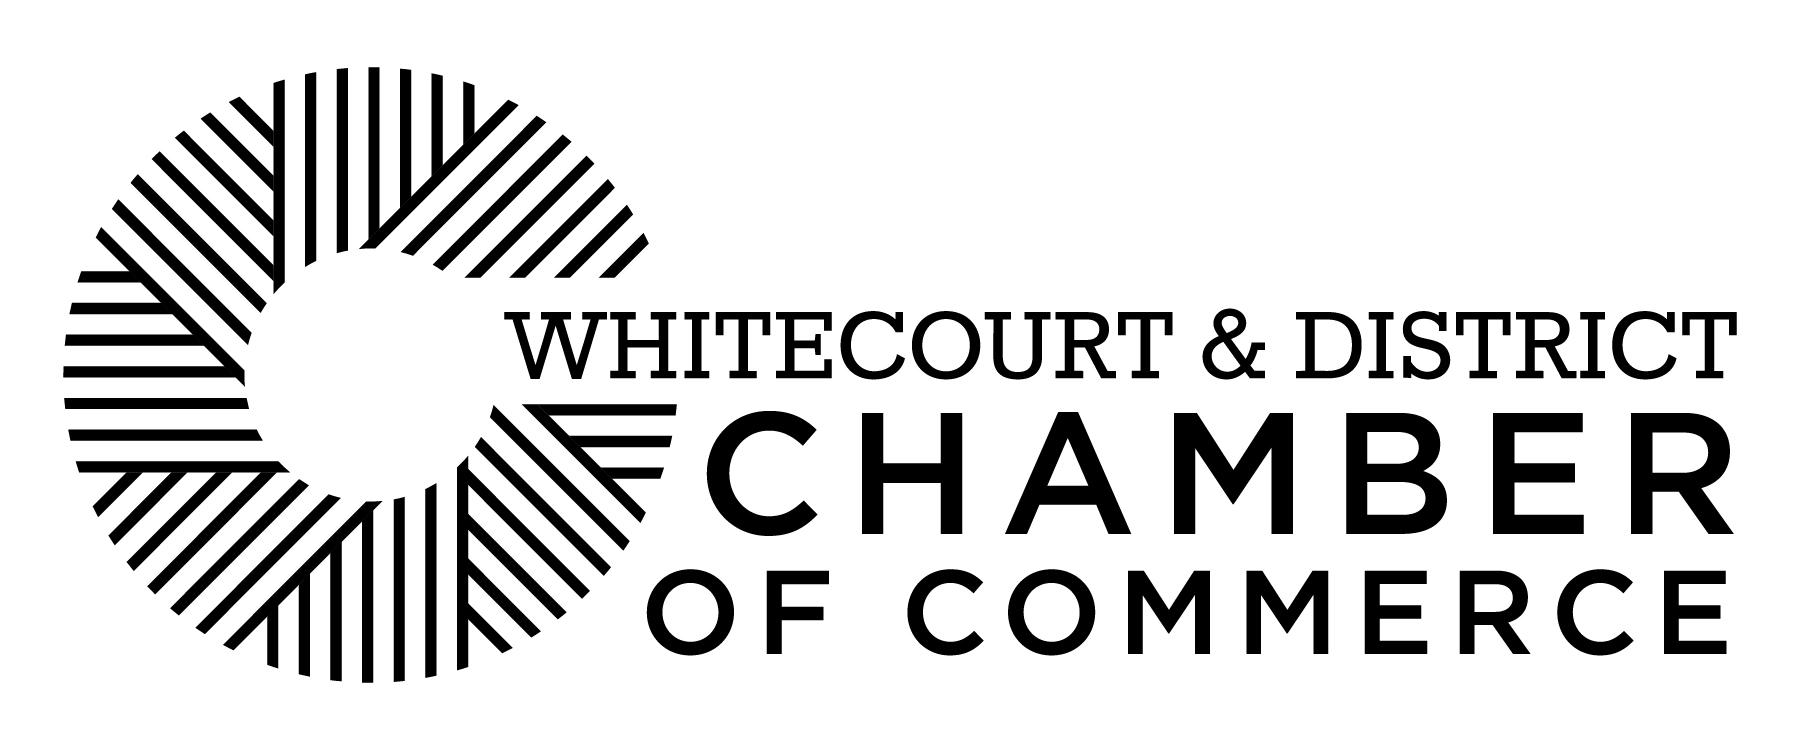 WDChamber-Logo-1Colour-black